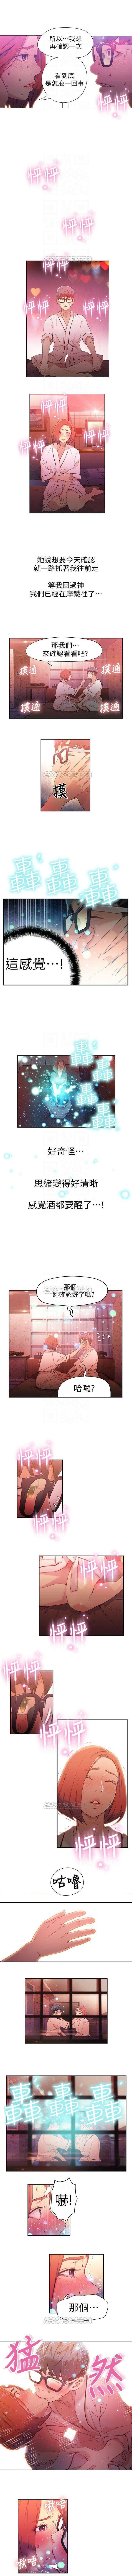 (週7)超導體魯蛇(超級吸引力) 1-22 中文翻譯(更新中) 70